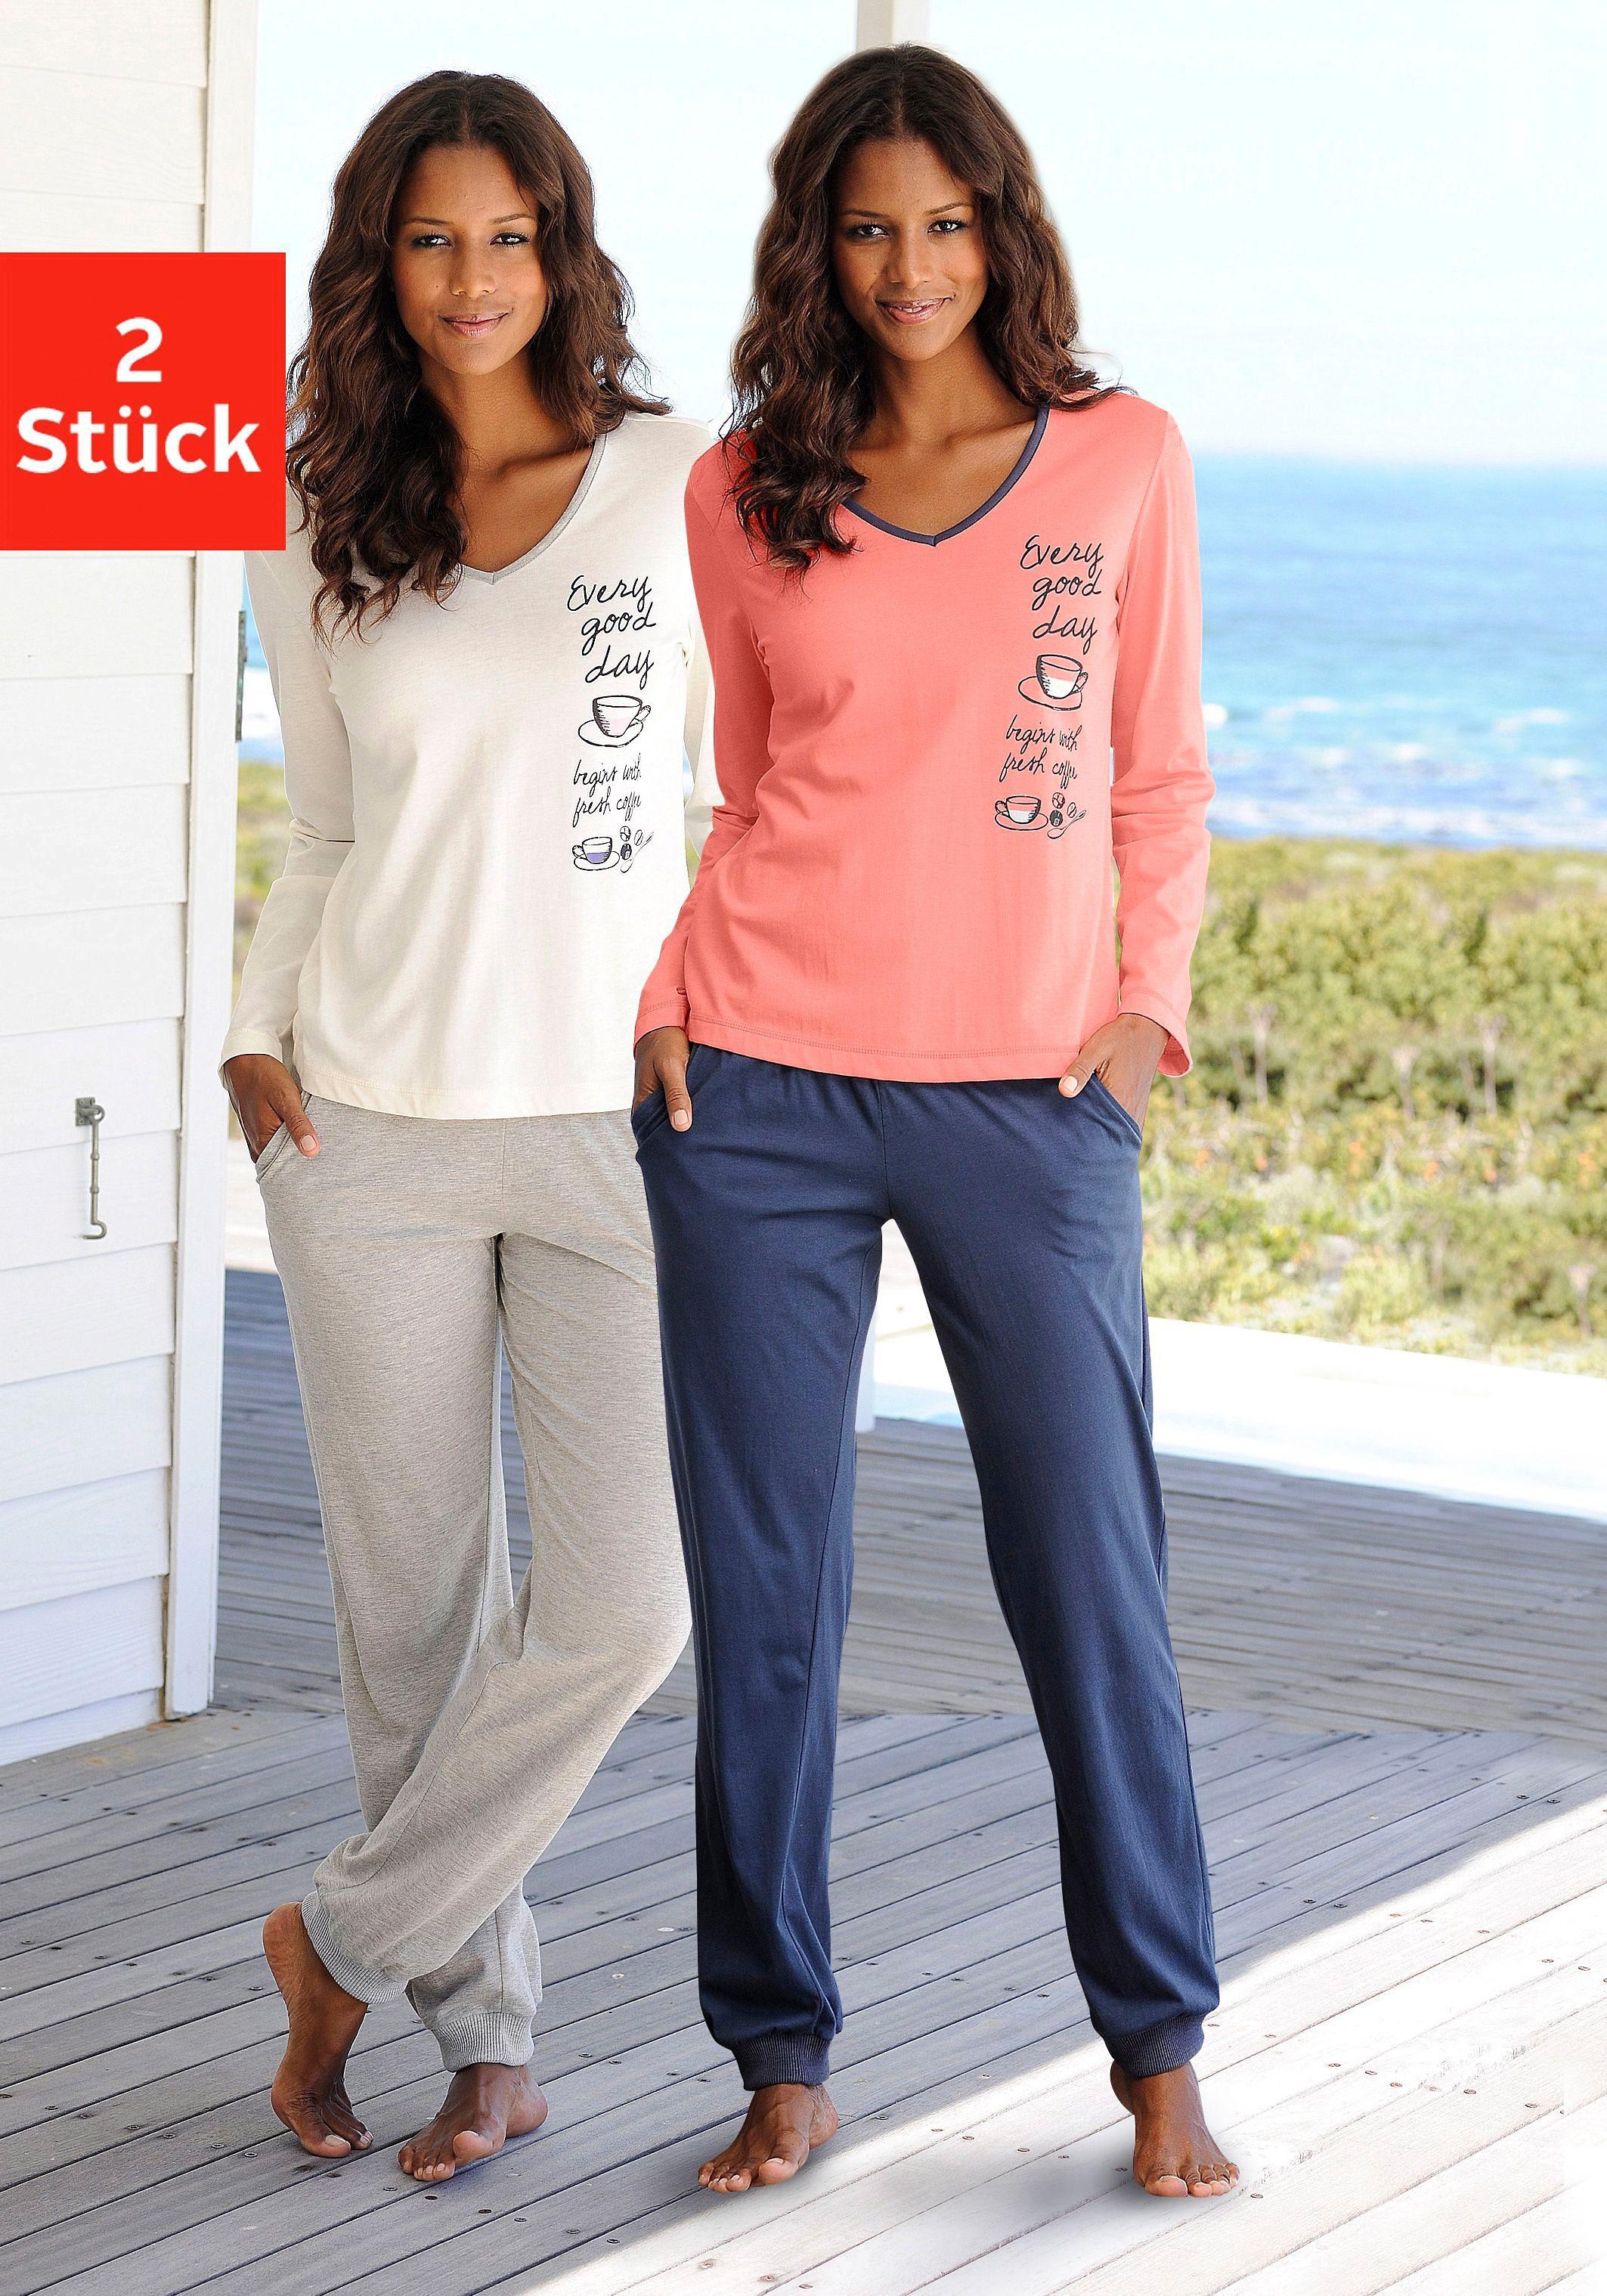 Süsser Pyjama Vivance im Doppelpack, 100% Baumwolle